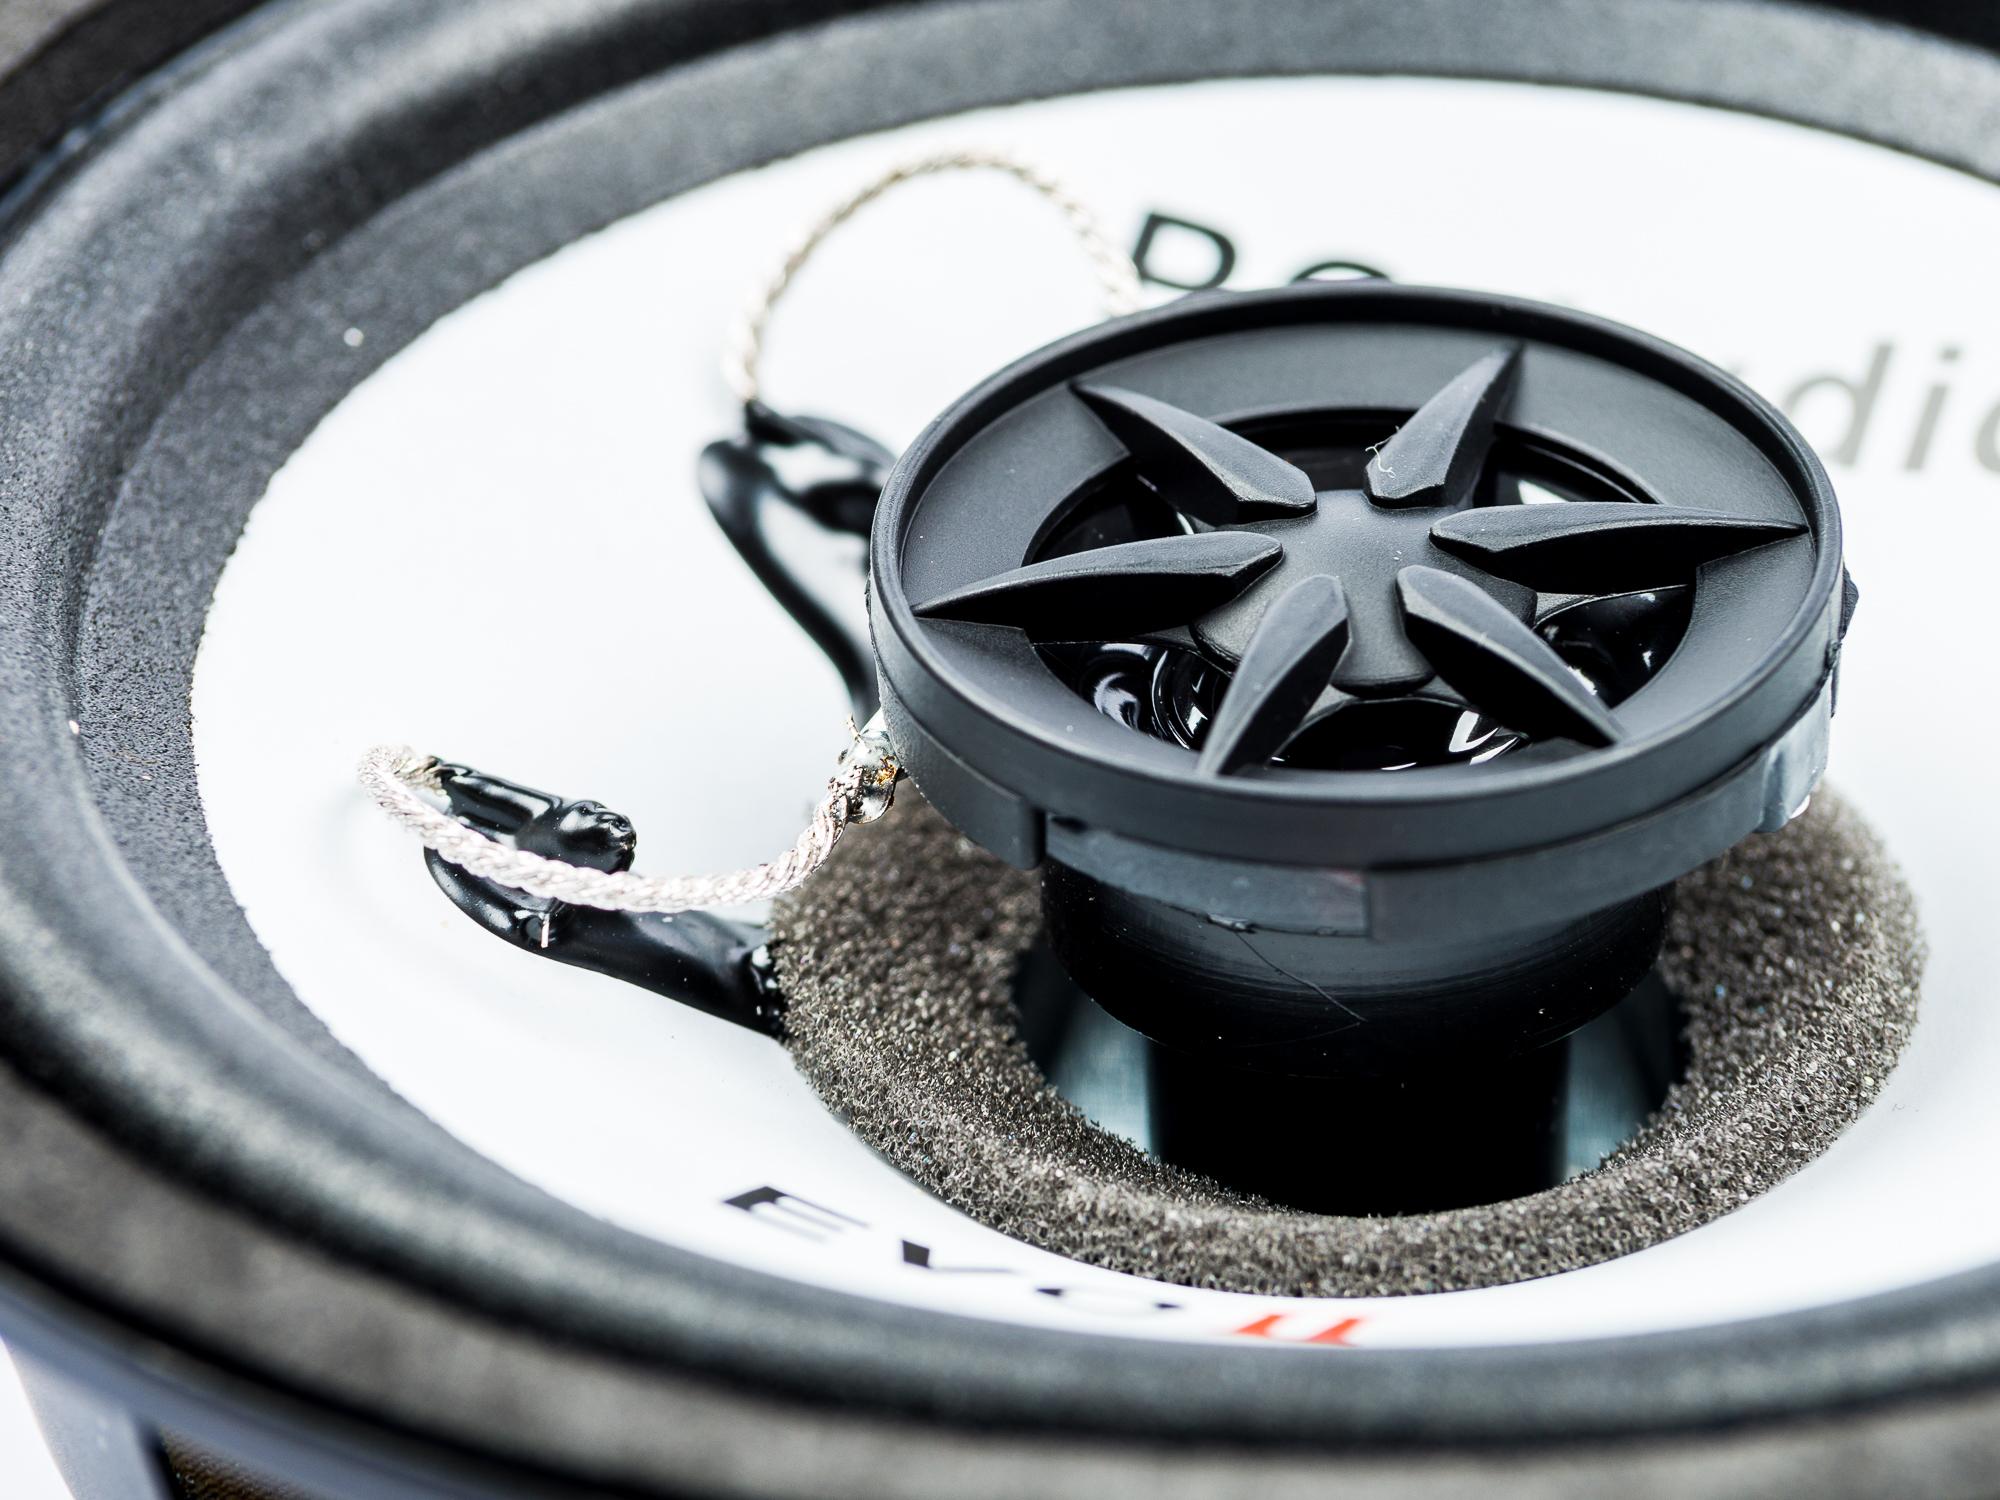 Volvo S60 V70 V70XC Lautsprecher Einbauset Tür vorne PG Audio – Bild 4